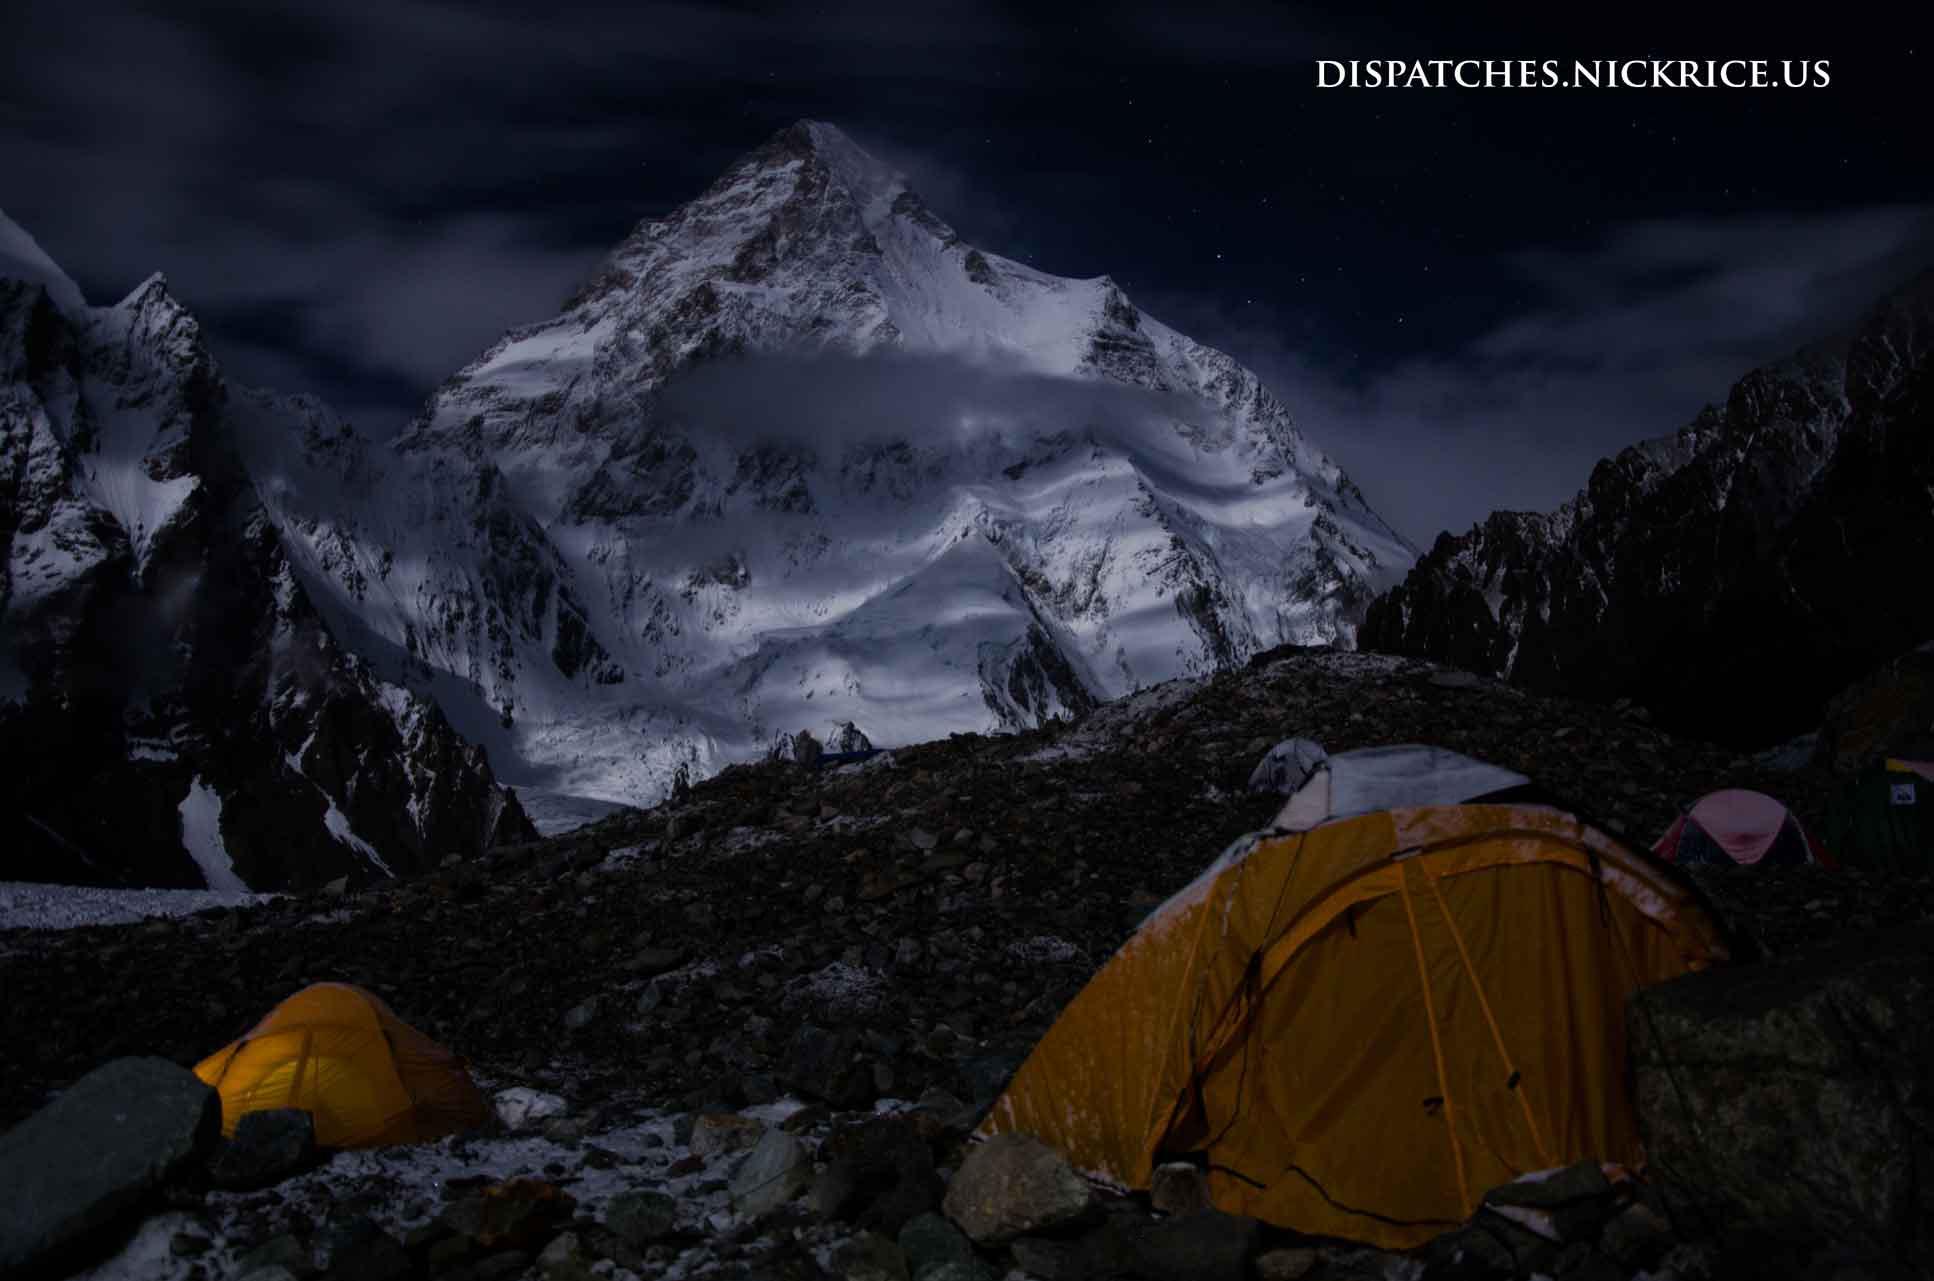 K2 Night